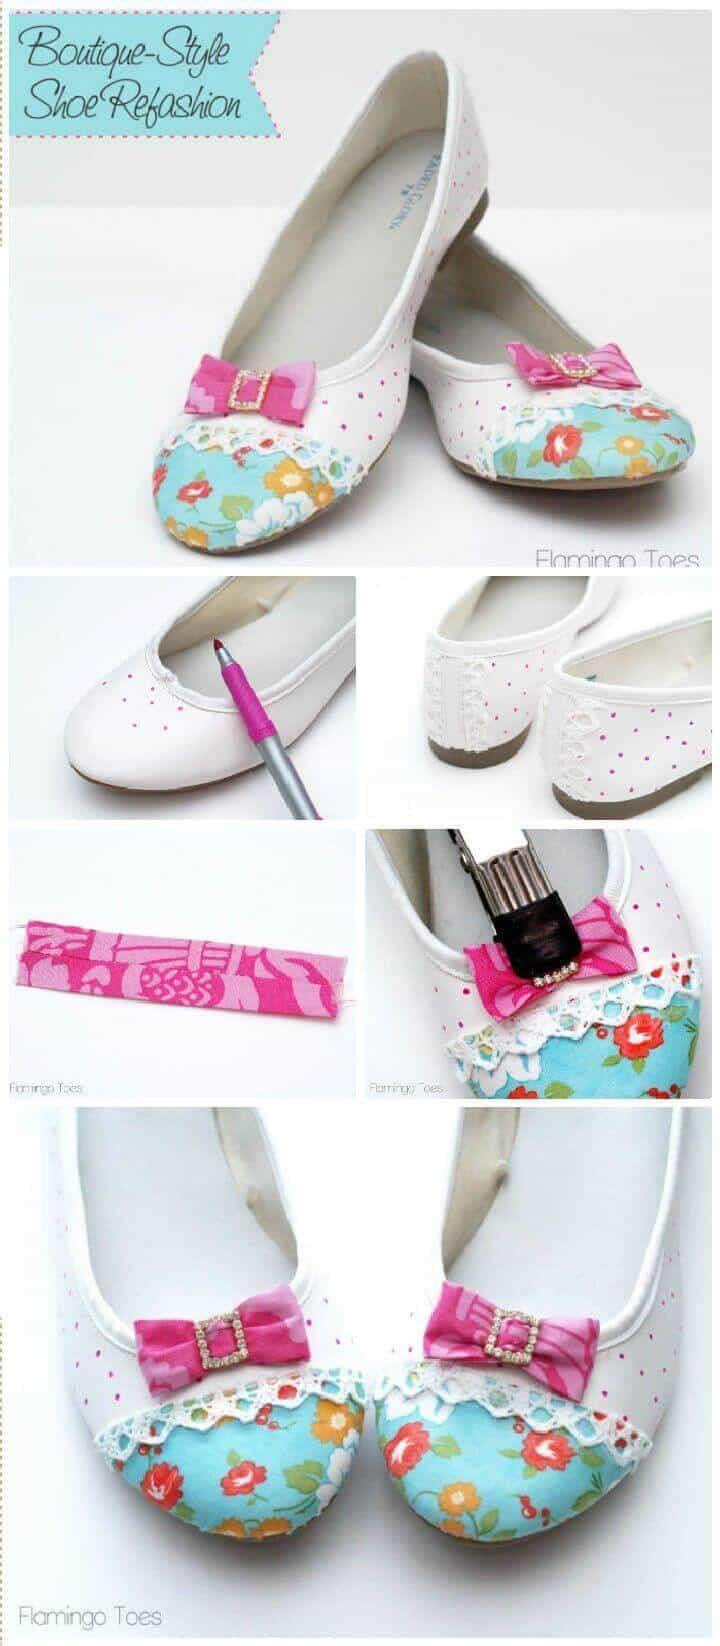 Pisos estilo boutique de bricolaje: remodelación de zapatos